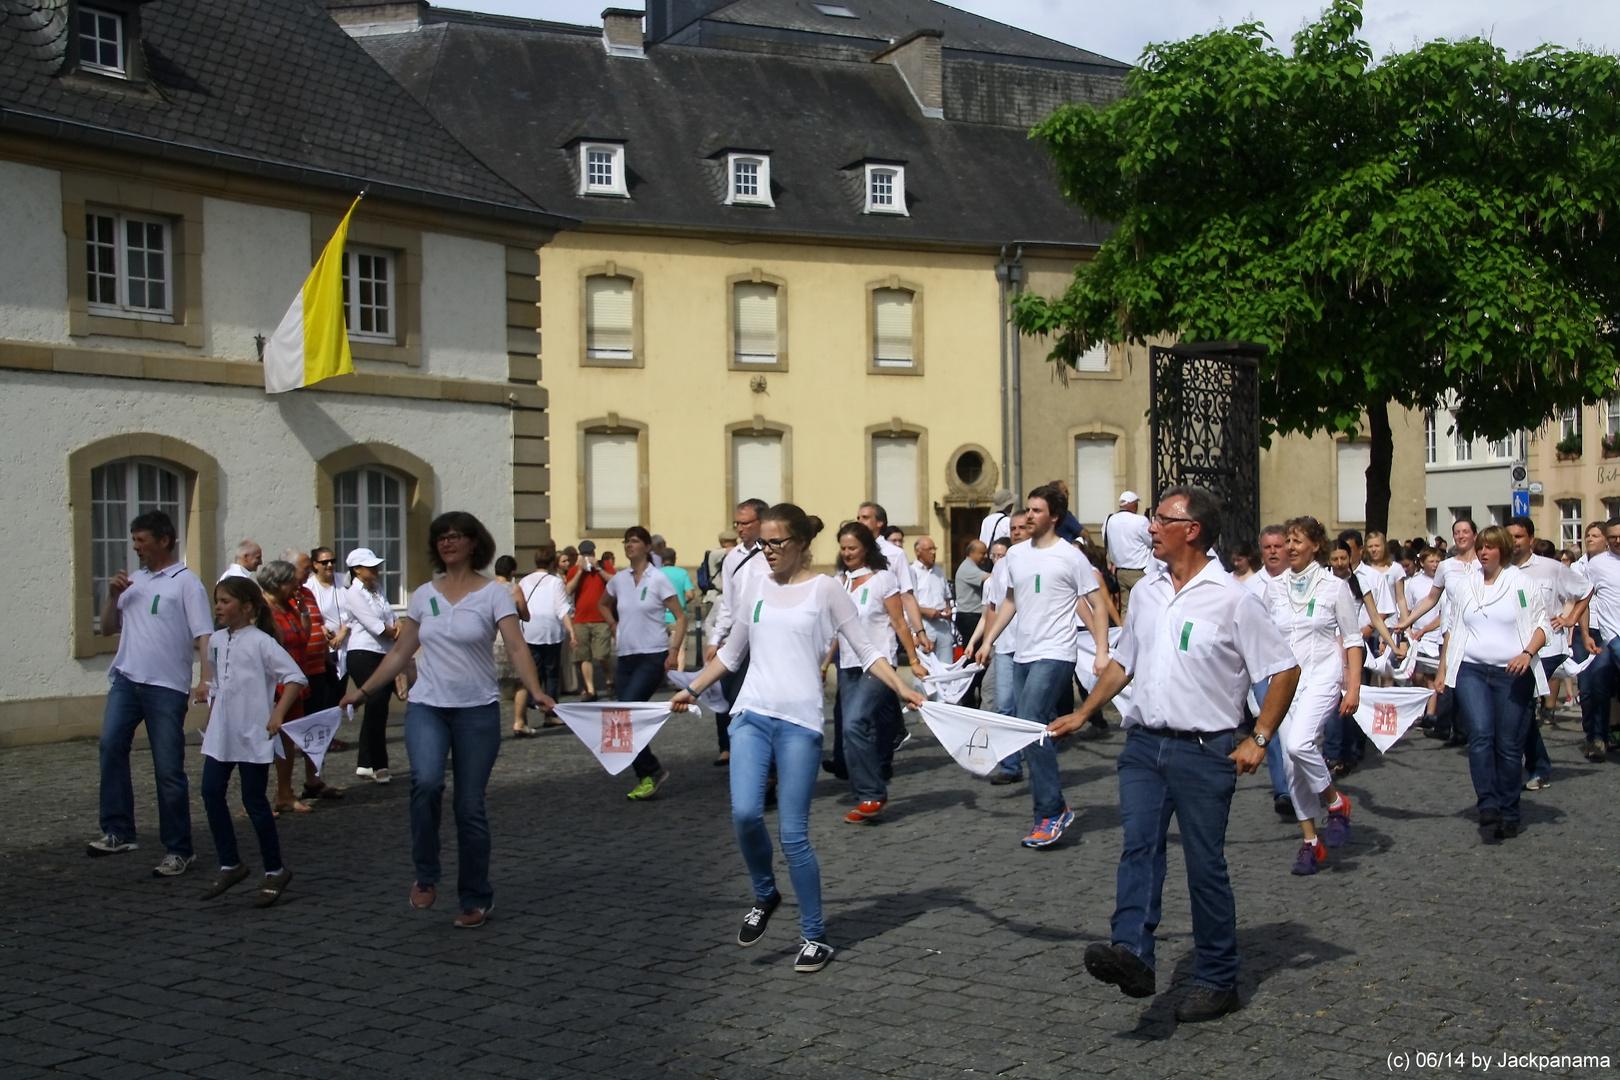 Springprozession in Echternach / Luxembourg